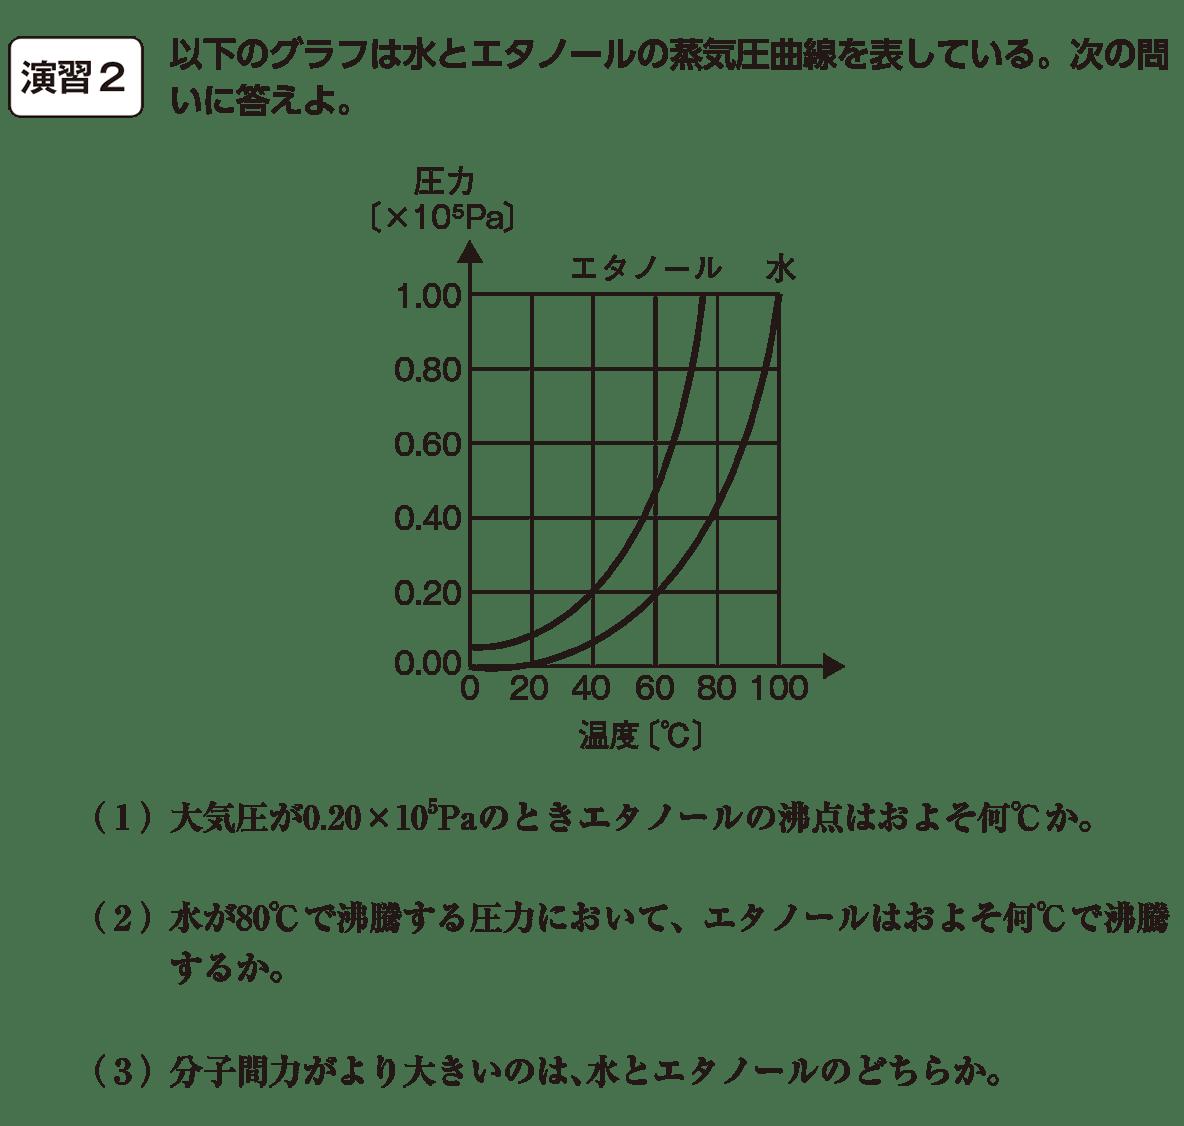 高校化学 物質の状態と平衡8 ポイント2 答えなし